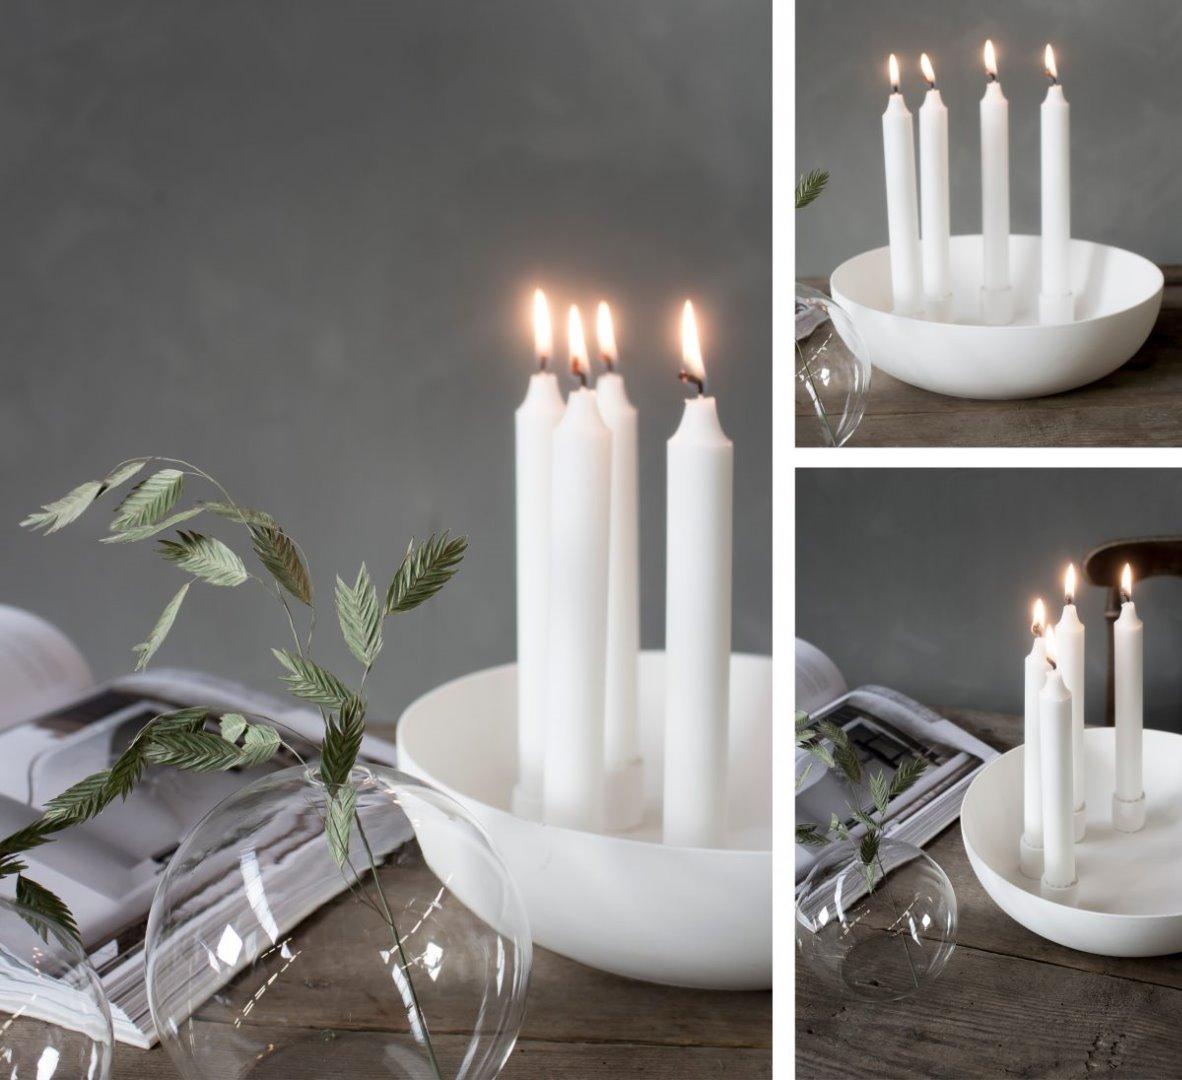 Kvistbro Kerzenhalter matt/weiß 3